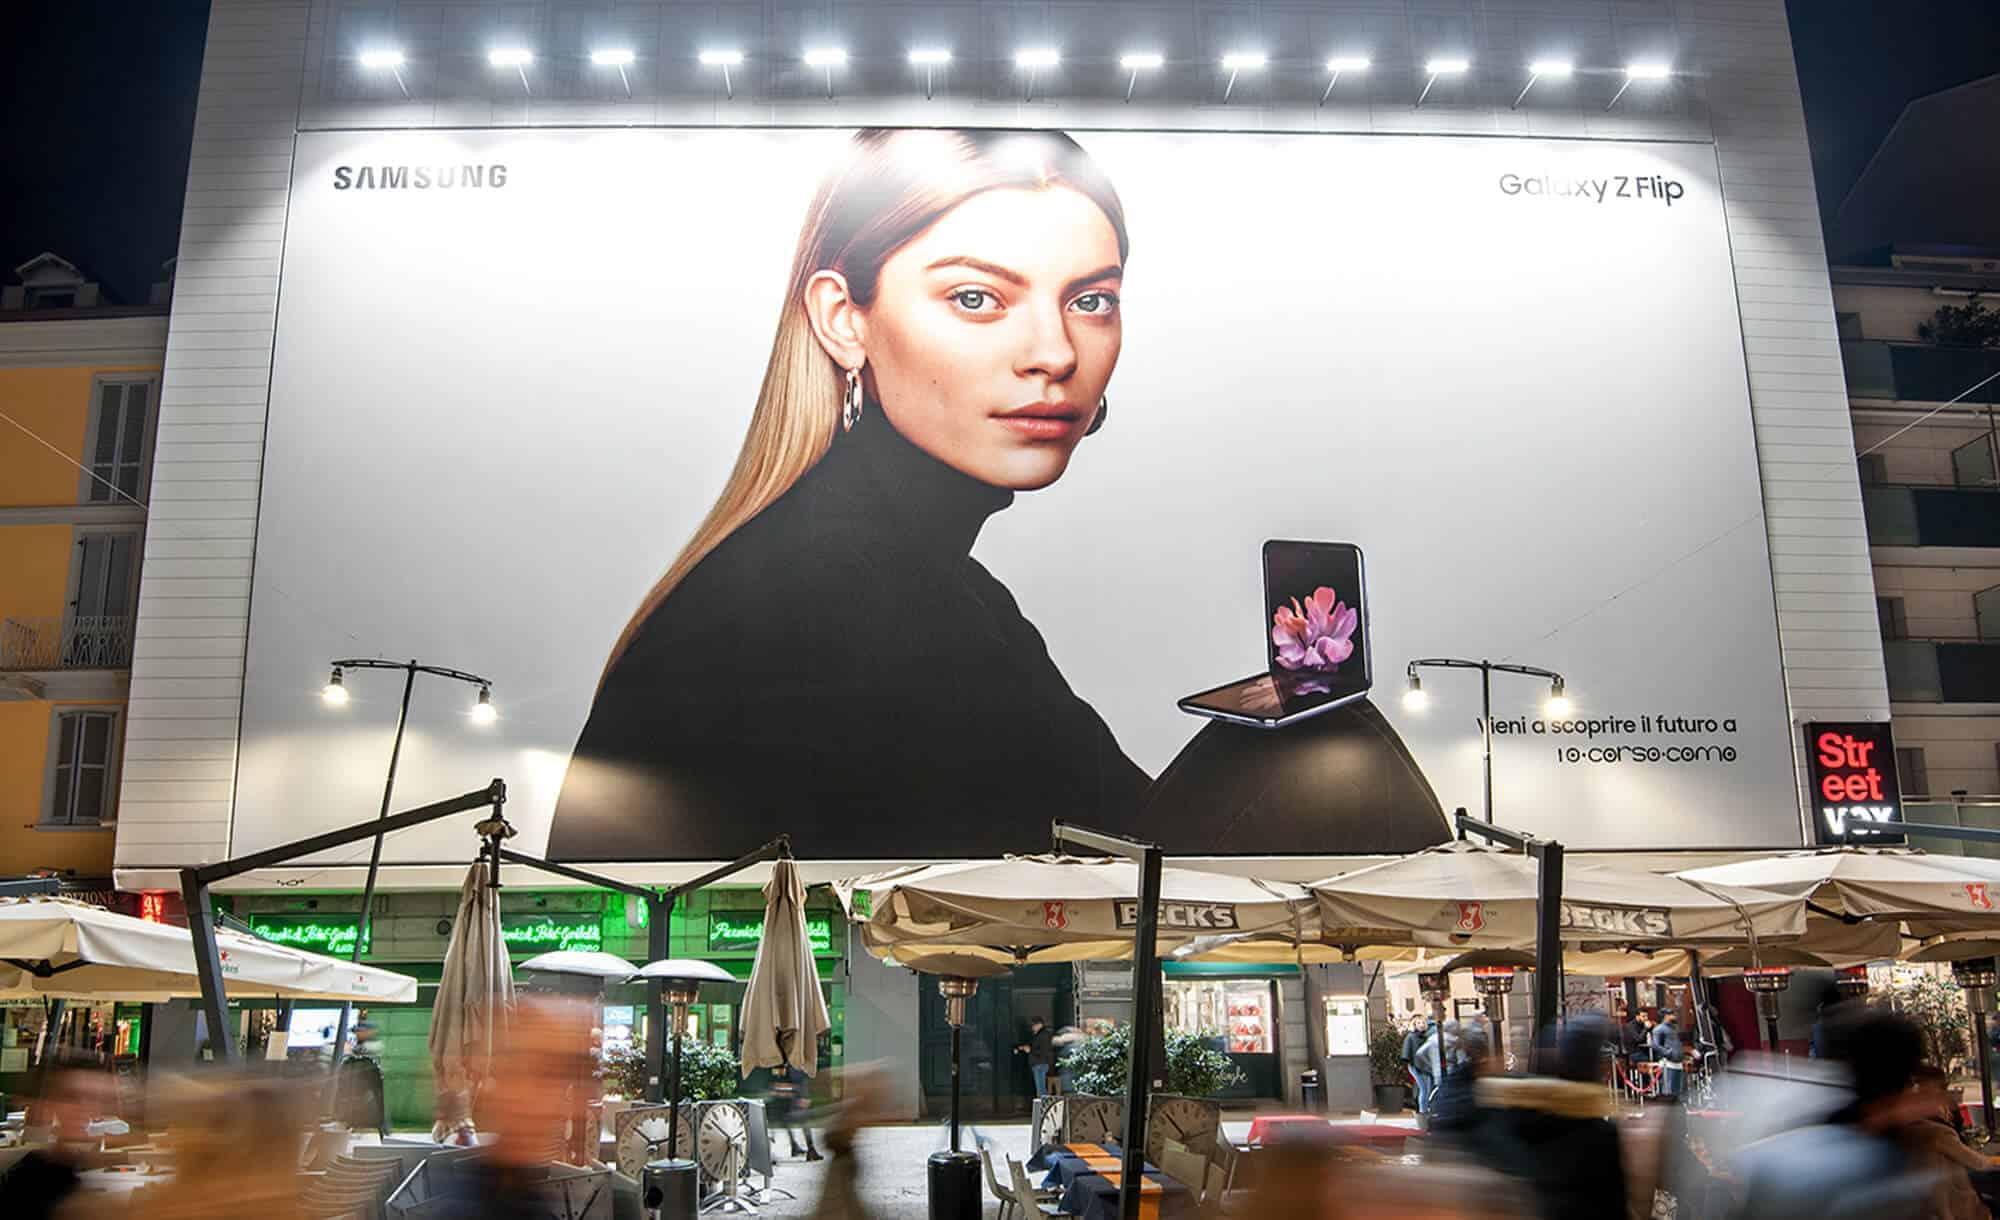 Maxi Affissione Corso Como 6 a Milano di Samsung (Technology)